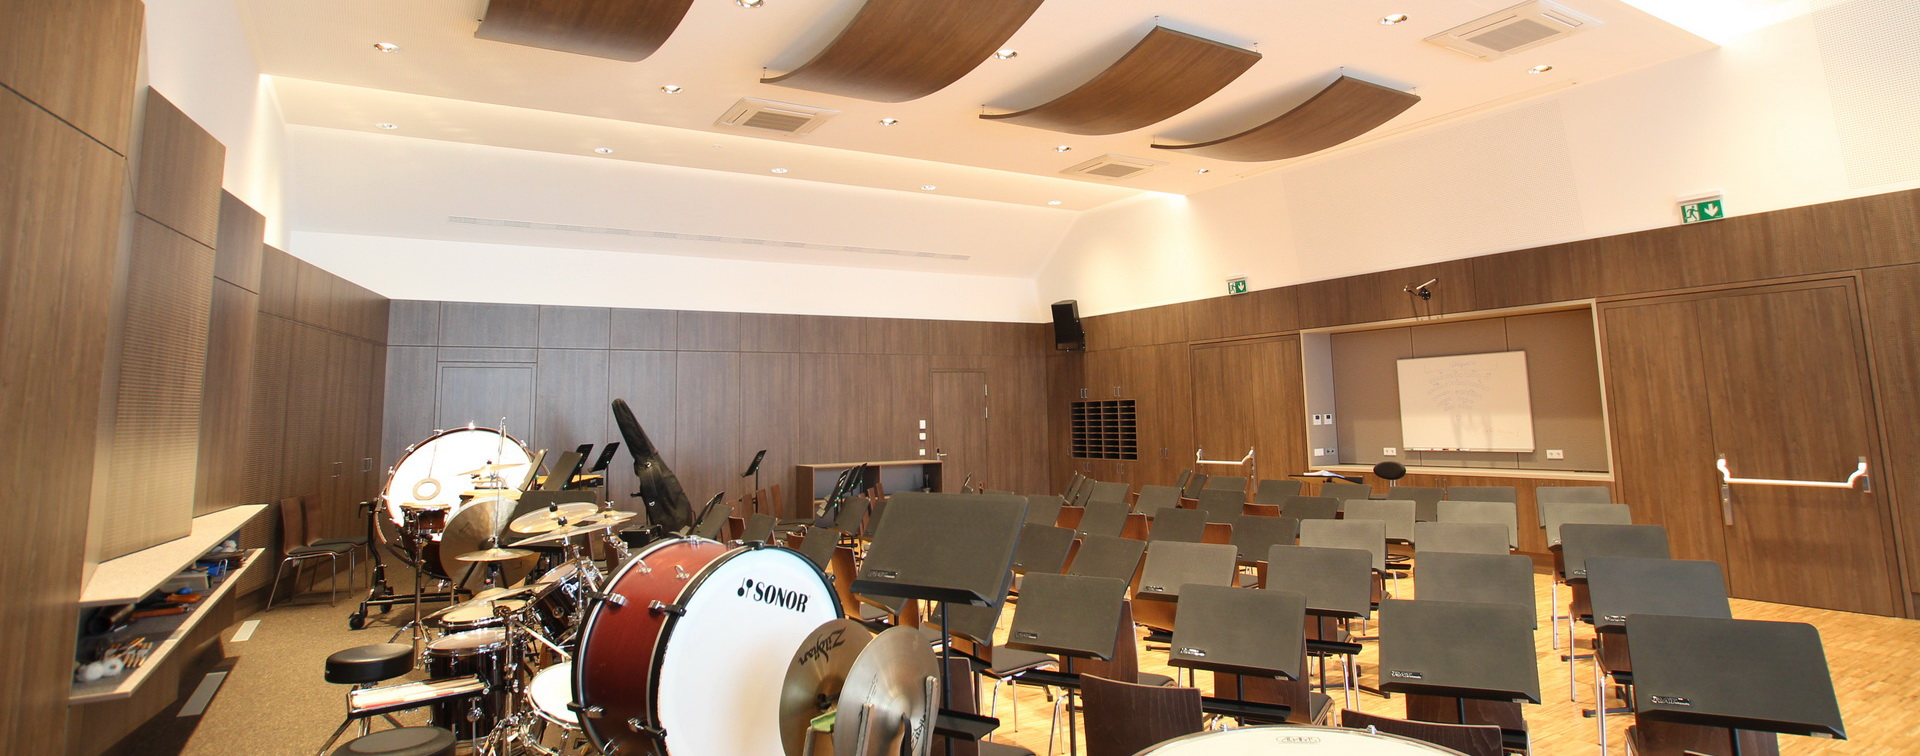 Musikproberaum St.Peter-Wbg.